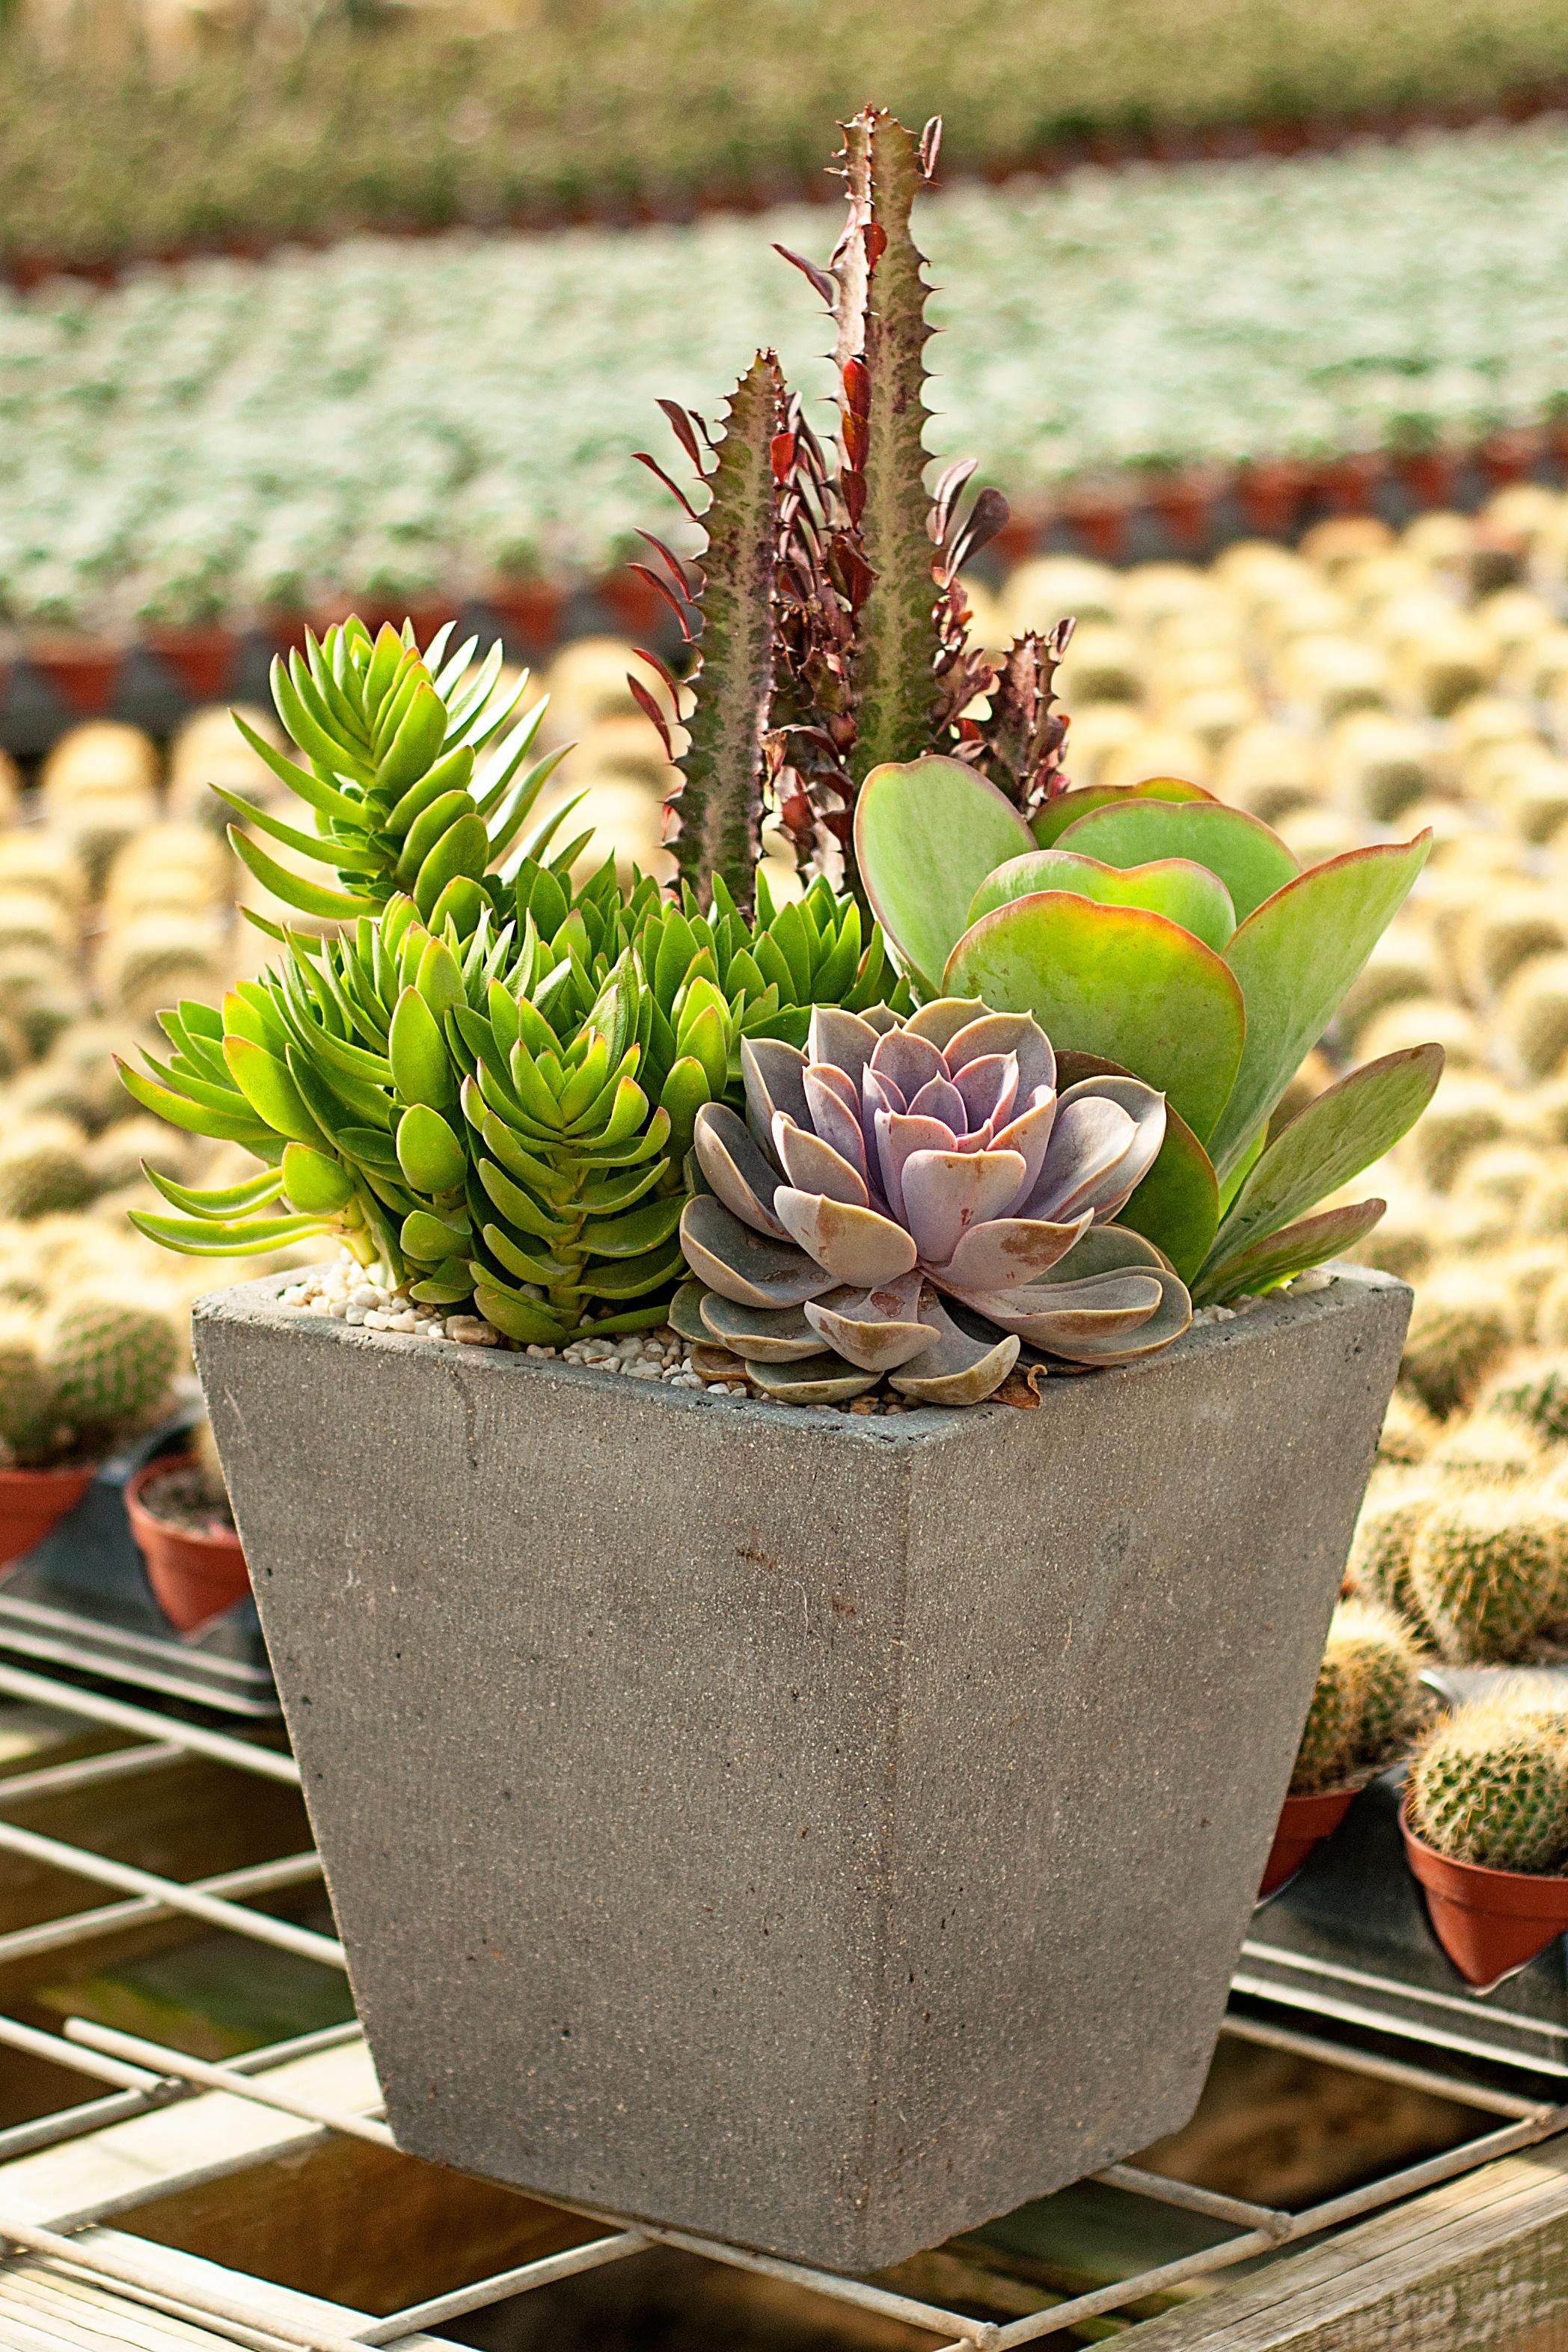 Costa_Farms_Cacti__Succulent_Large_Garden-_Precious_Resources.jpg